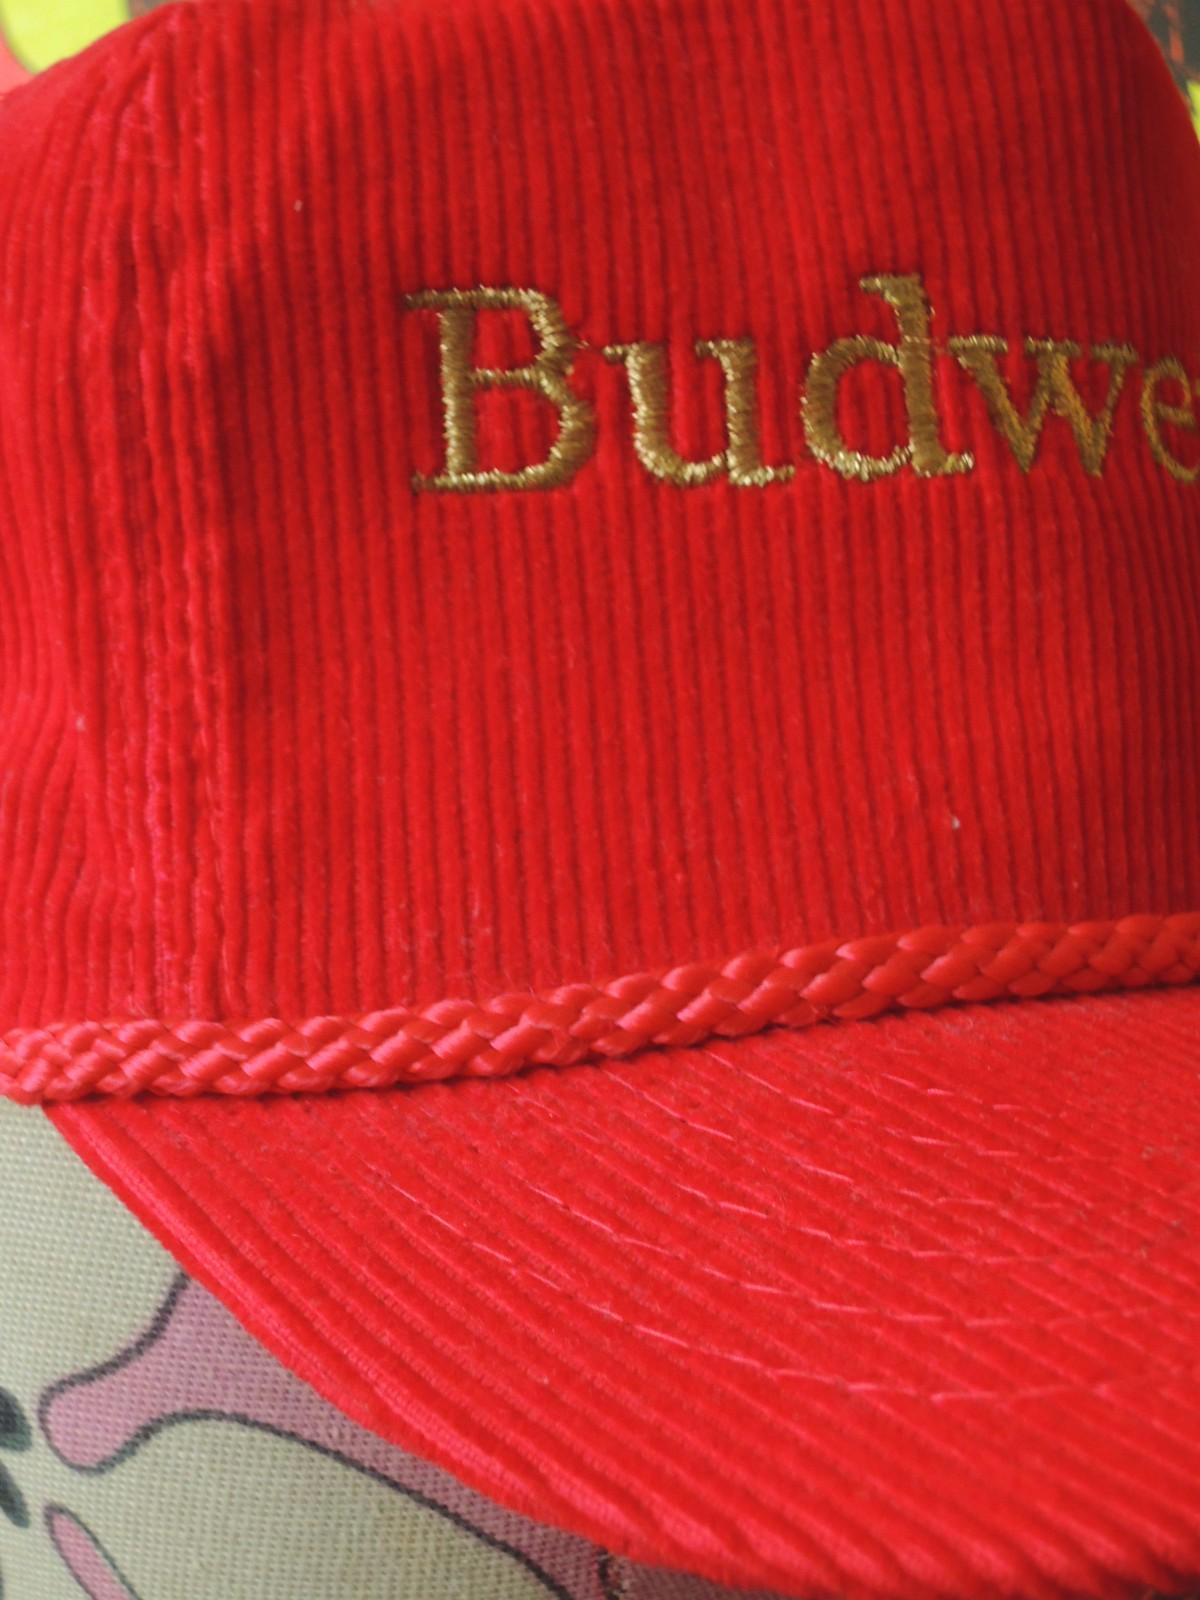 budweisercordcap03.JPG